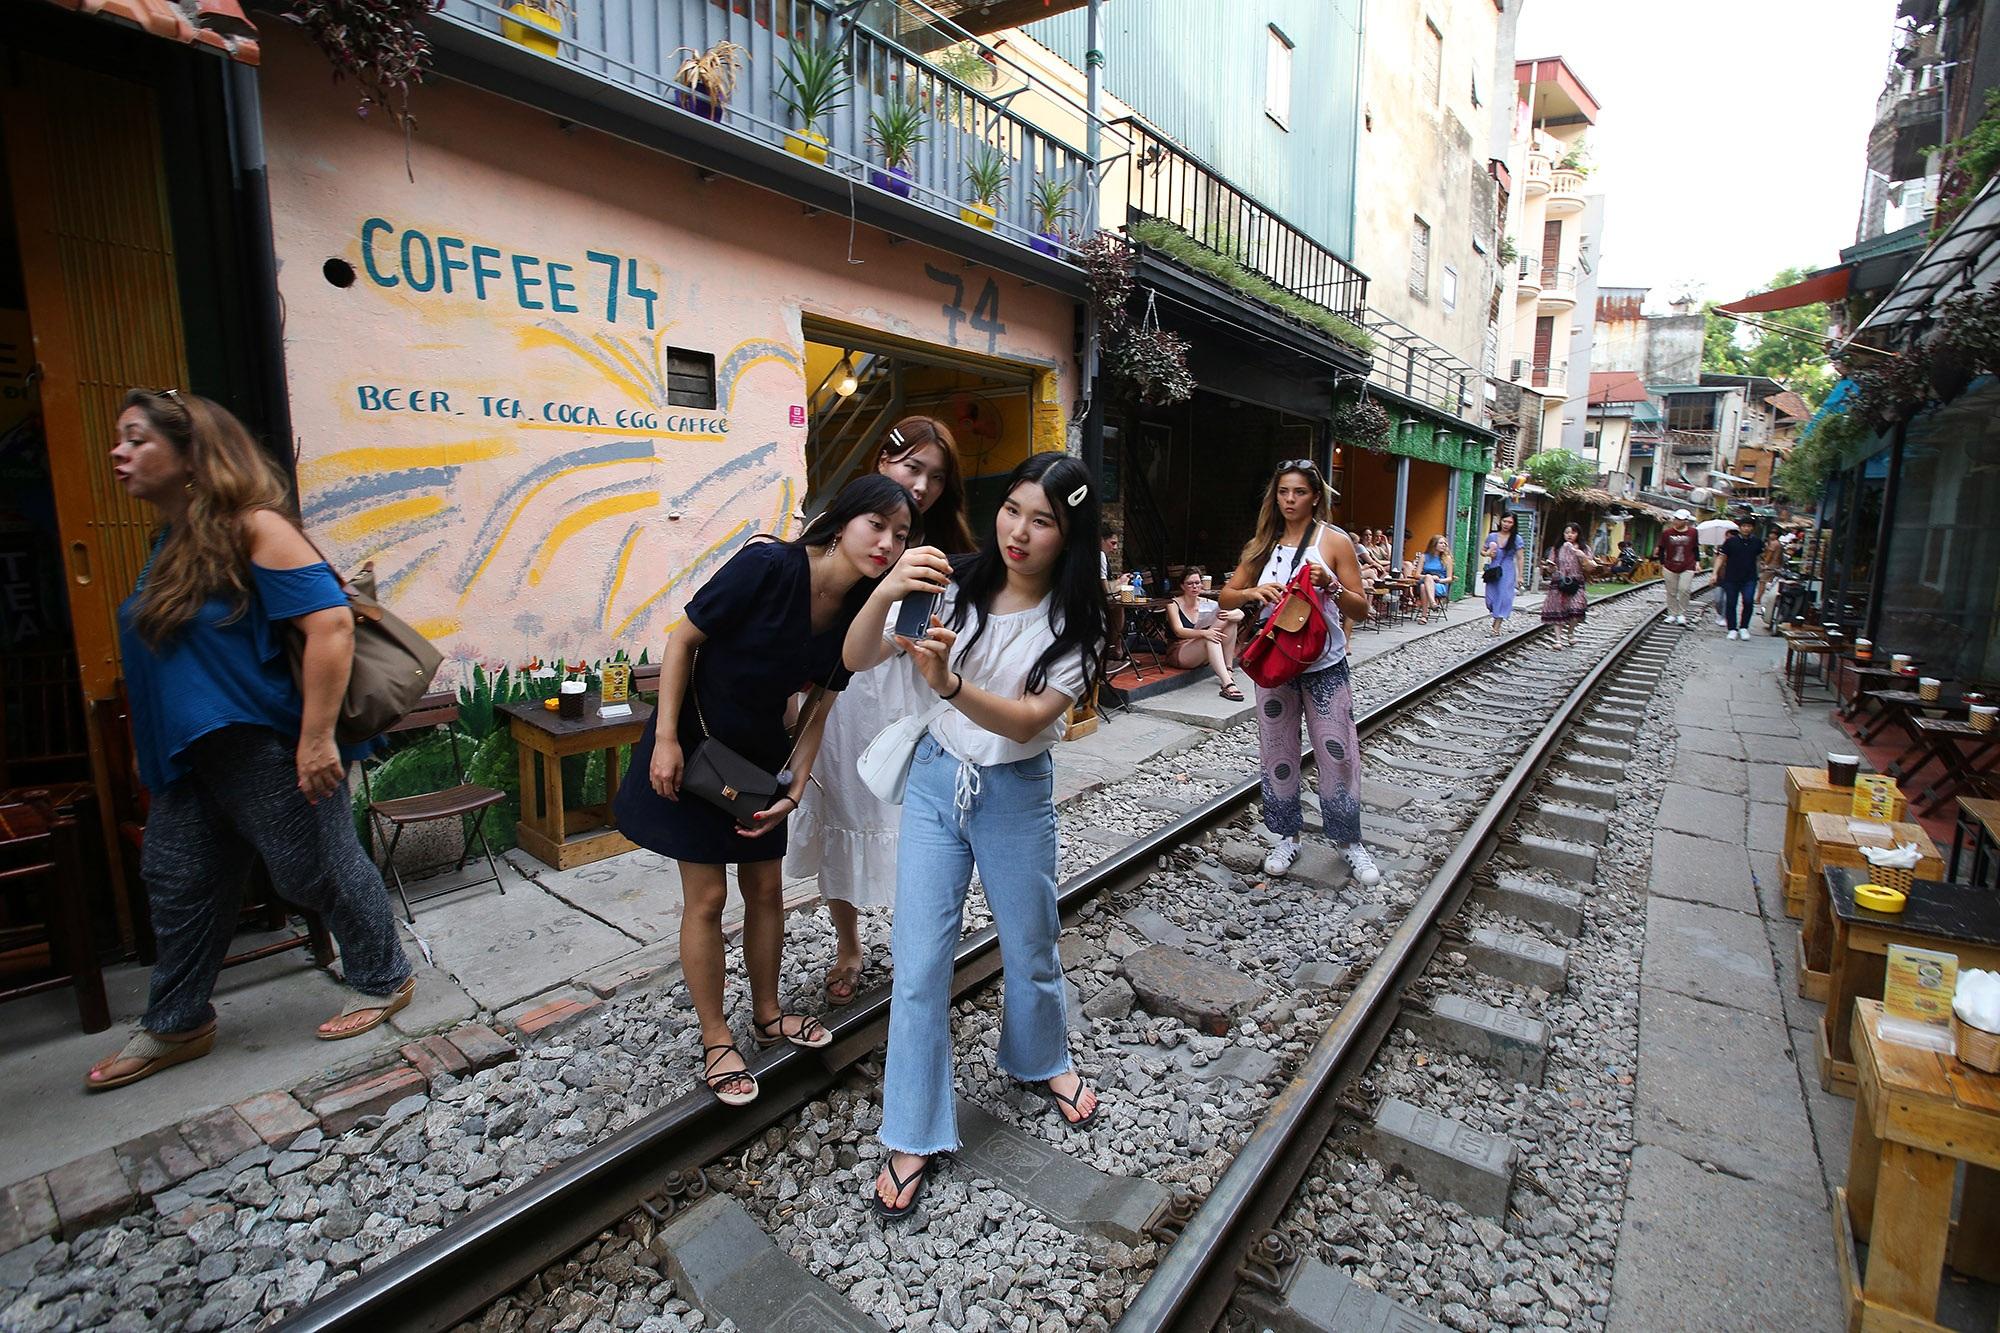 Xóm đường tàu lên đời thành điểm du lịch hấp dẫn ở Hà Nội - 6